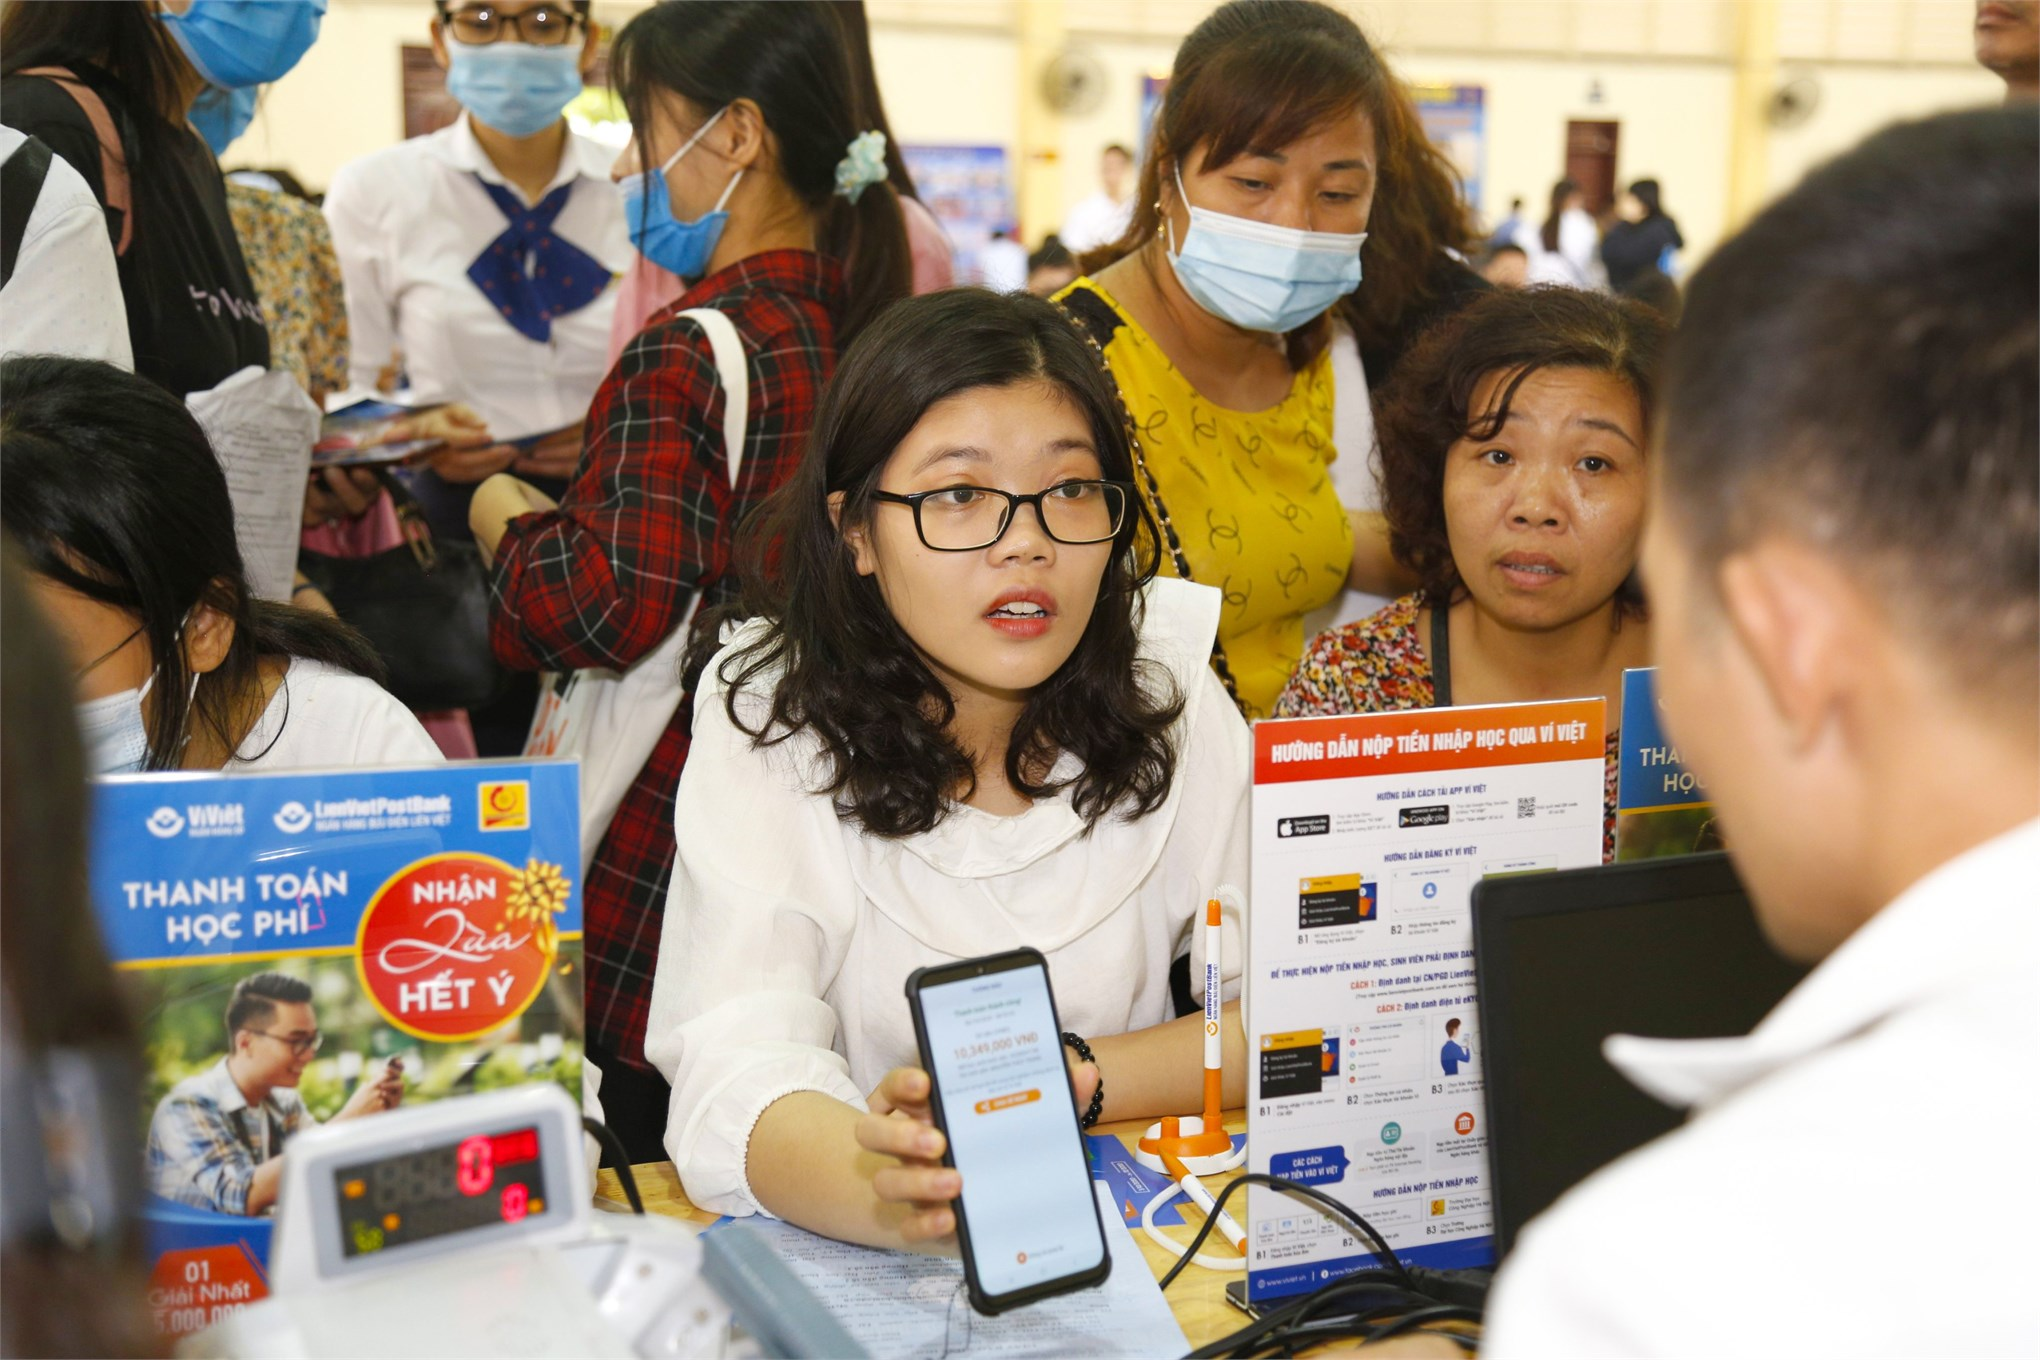 Rất nhiều thí sinh tìm hiểu thủ tục nộp học phí qua ứng dụng Ví Việt, và ViettelPay. Việc triển khai dịch vụ nộp tiền học phí Online nhằm giúp cho giao dịch nộp tiền học trở nên dễ dàng, nhanh chóng và an toàn cho các bạn sinh viên.